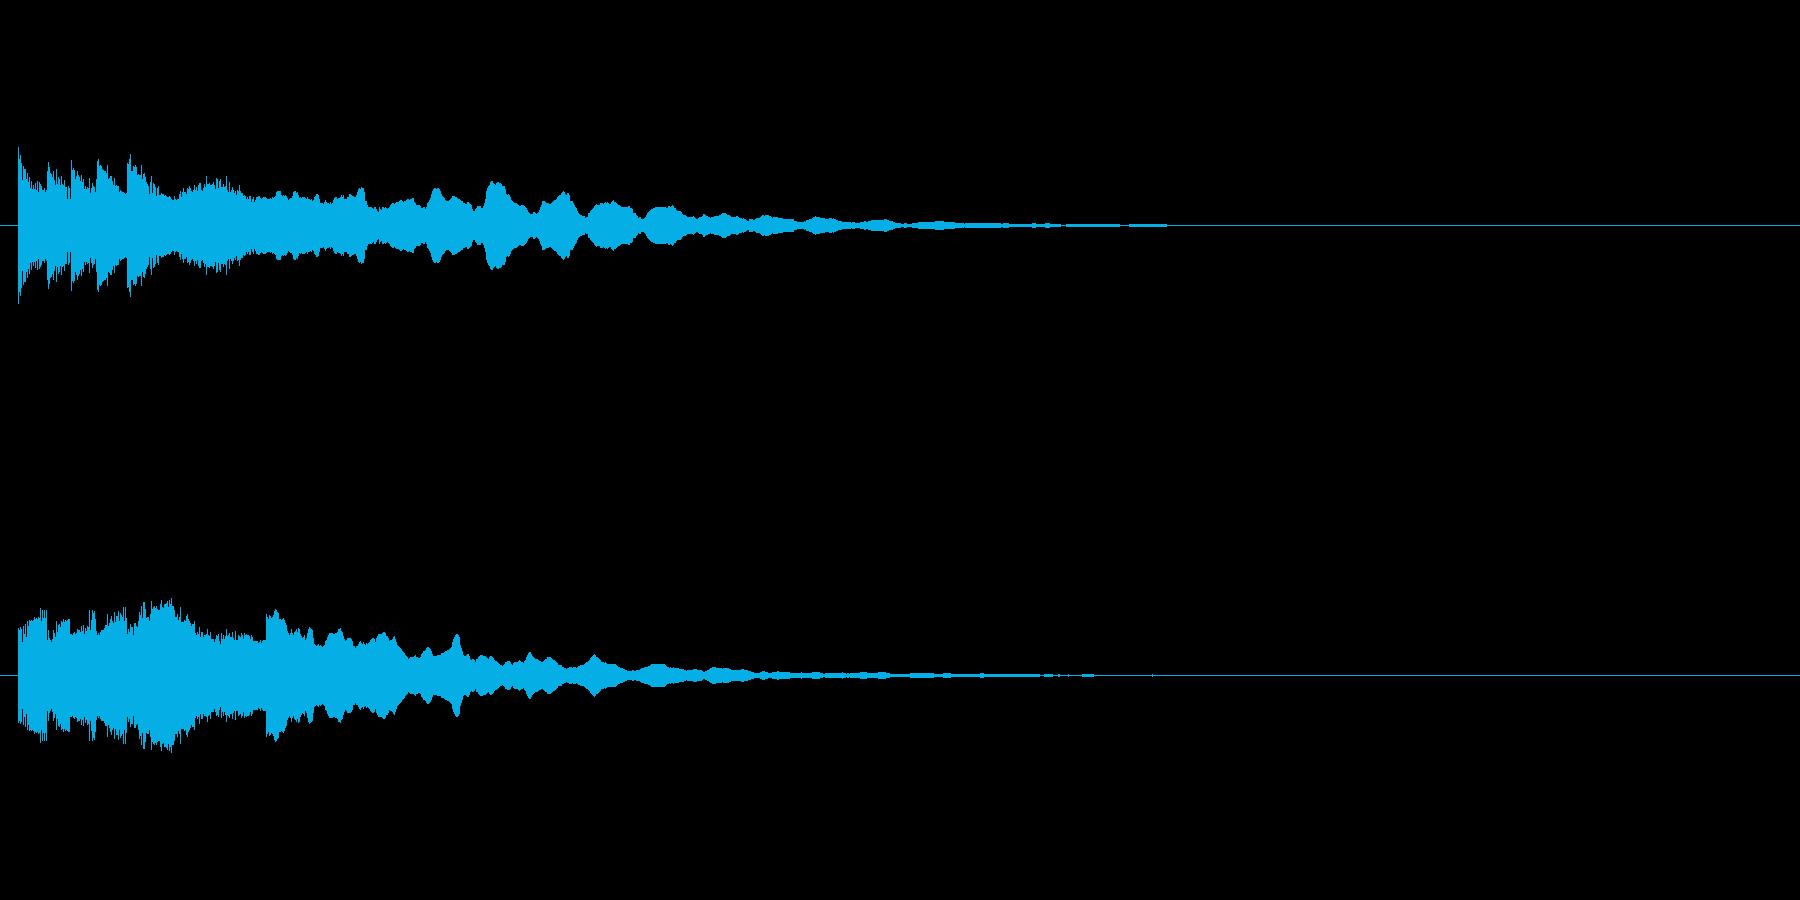 ファミコン的な和風起動音の再生済みの波形